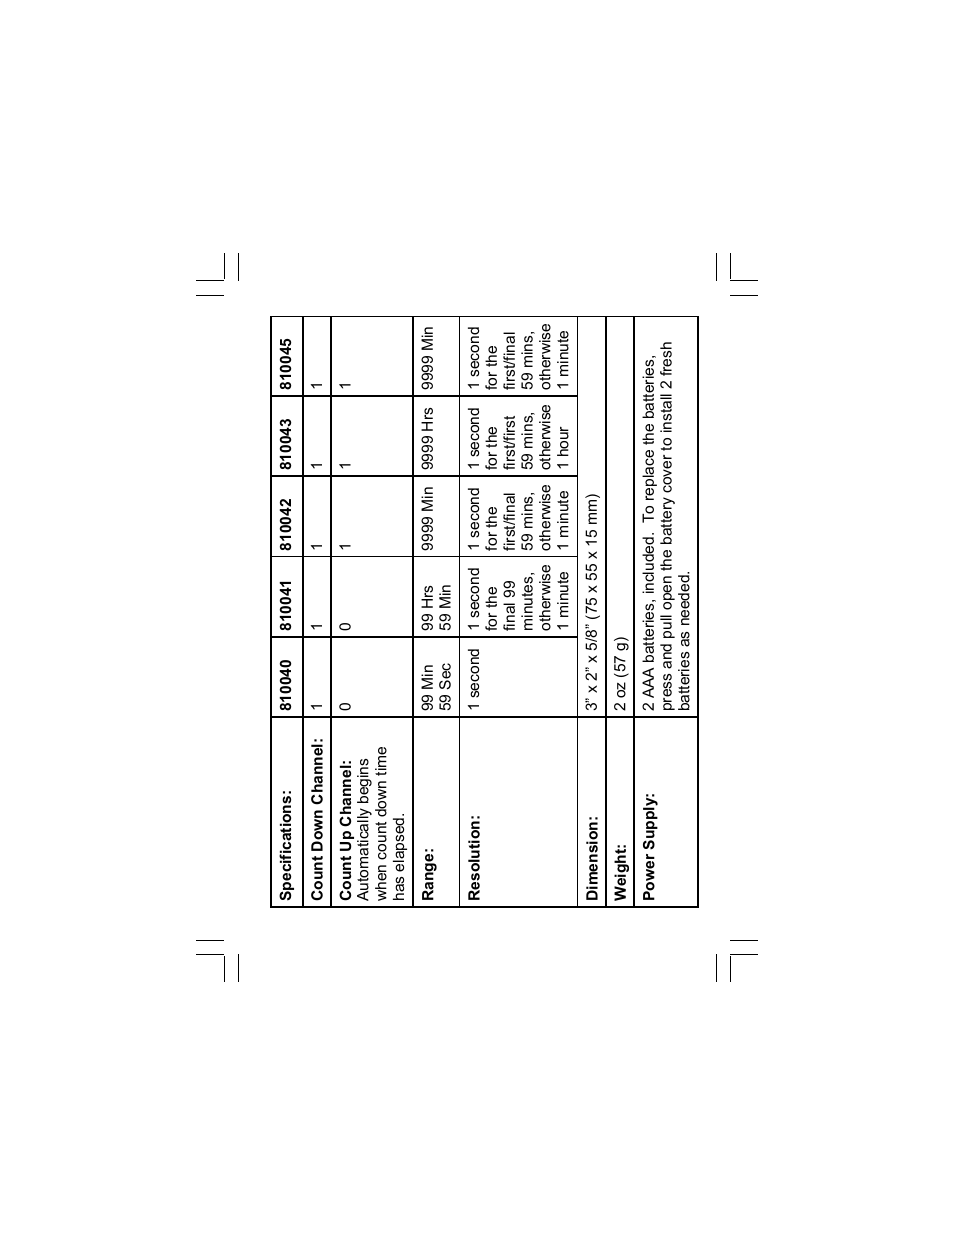 Sper Scientific 810045 Timer Continuous Alarm User Manual